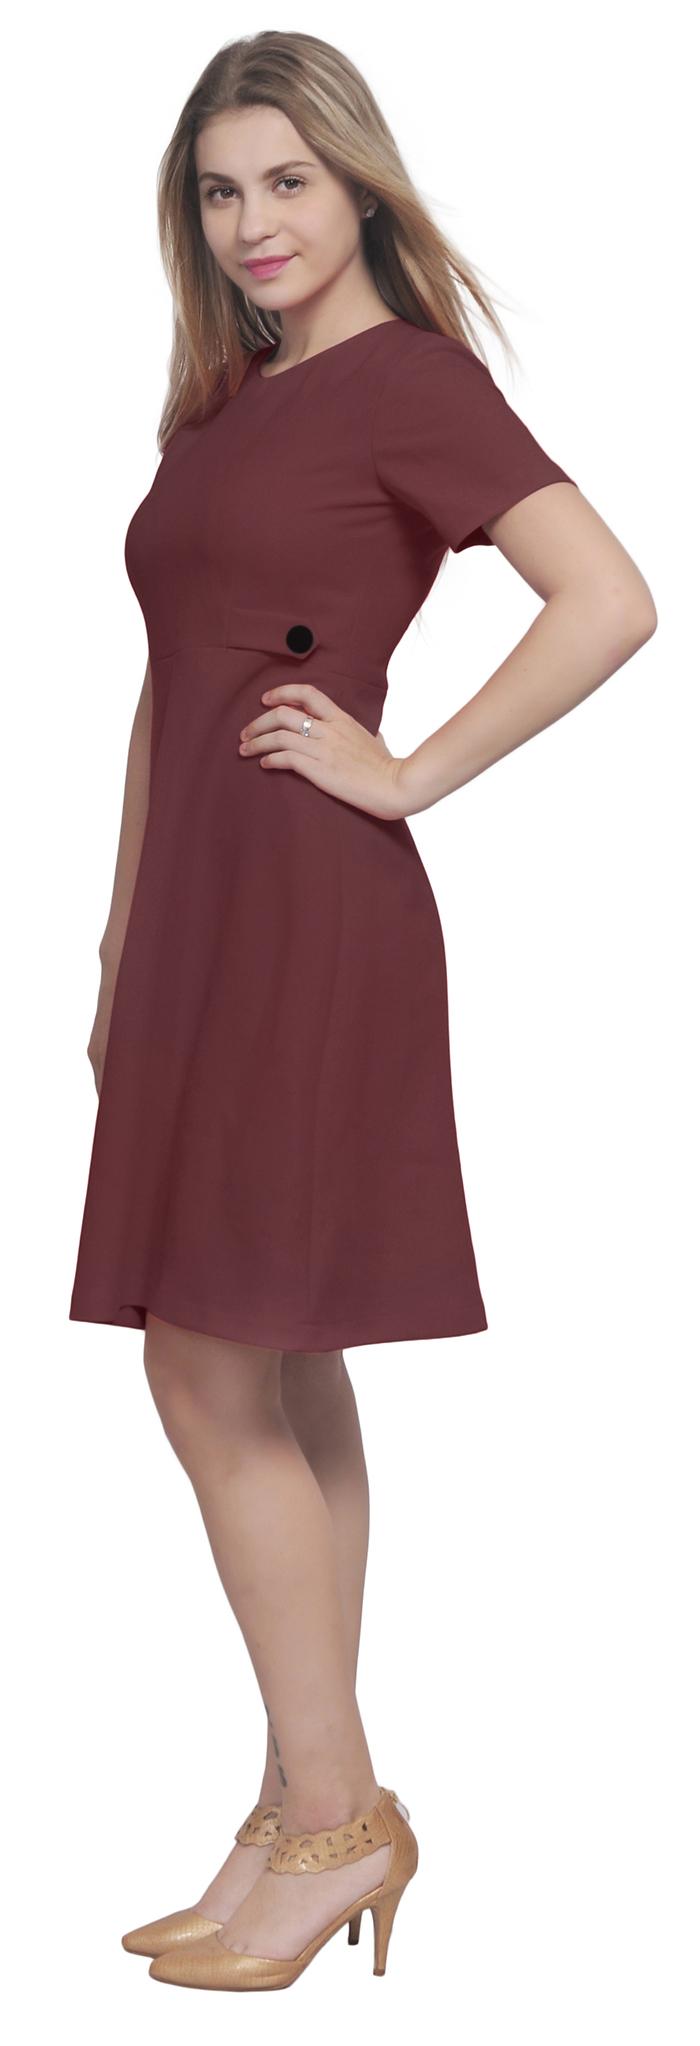 Designer Dresses - Shop Sexy Party Dresses, Evening ...